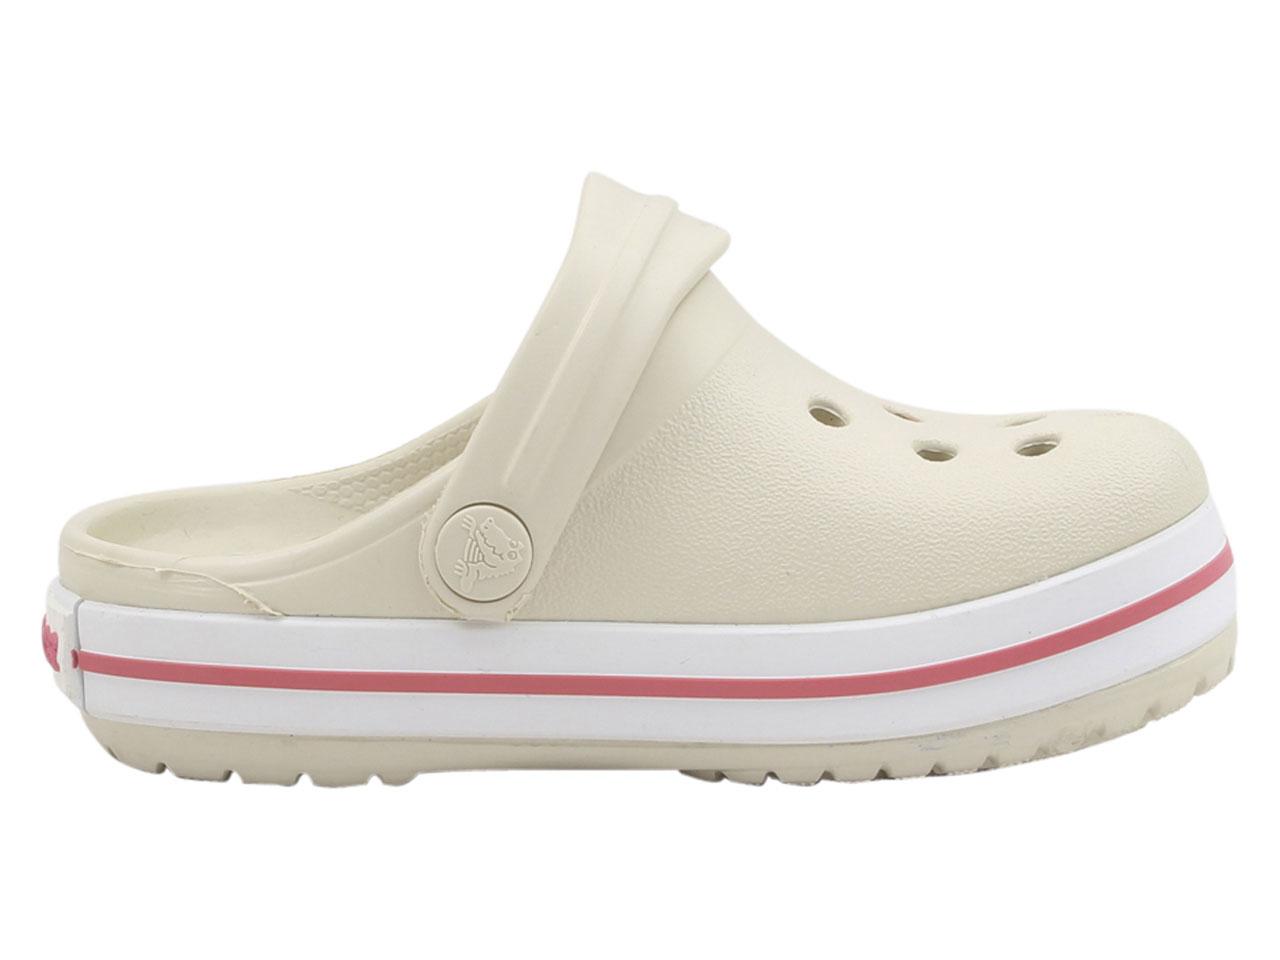 Crocs-Little-Kid-039-s-Crocband-Clogs-Sandals-Shoes thumbnail 26